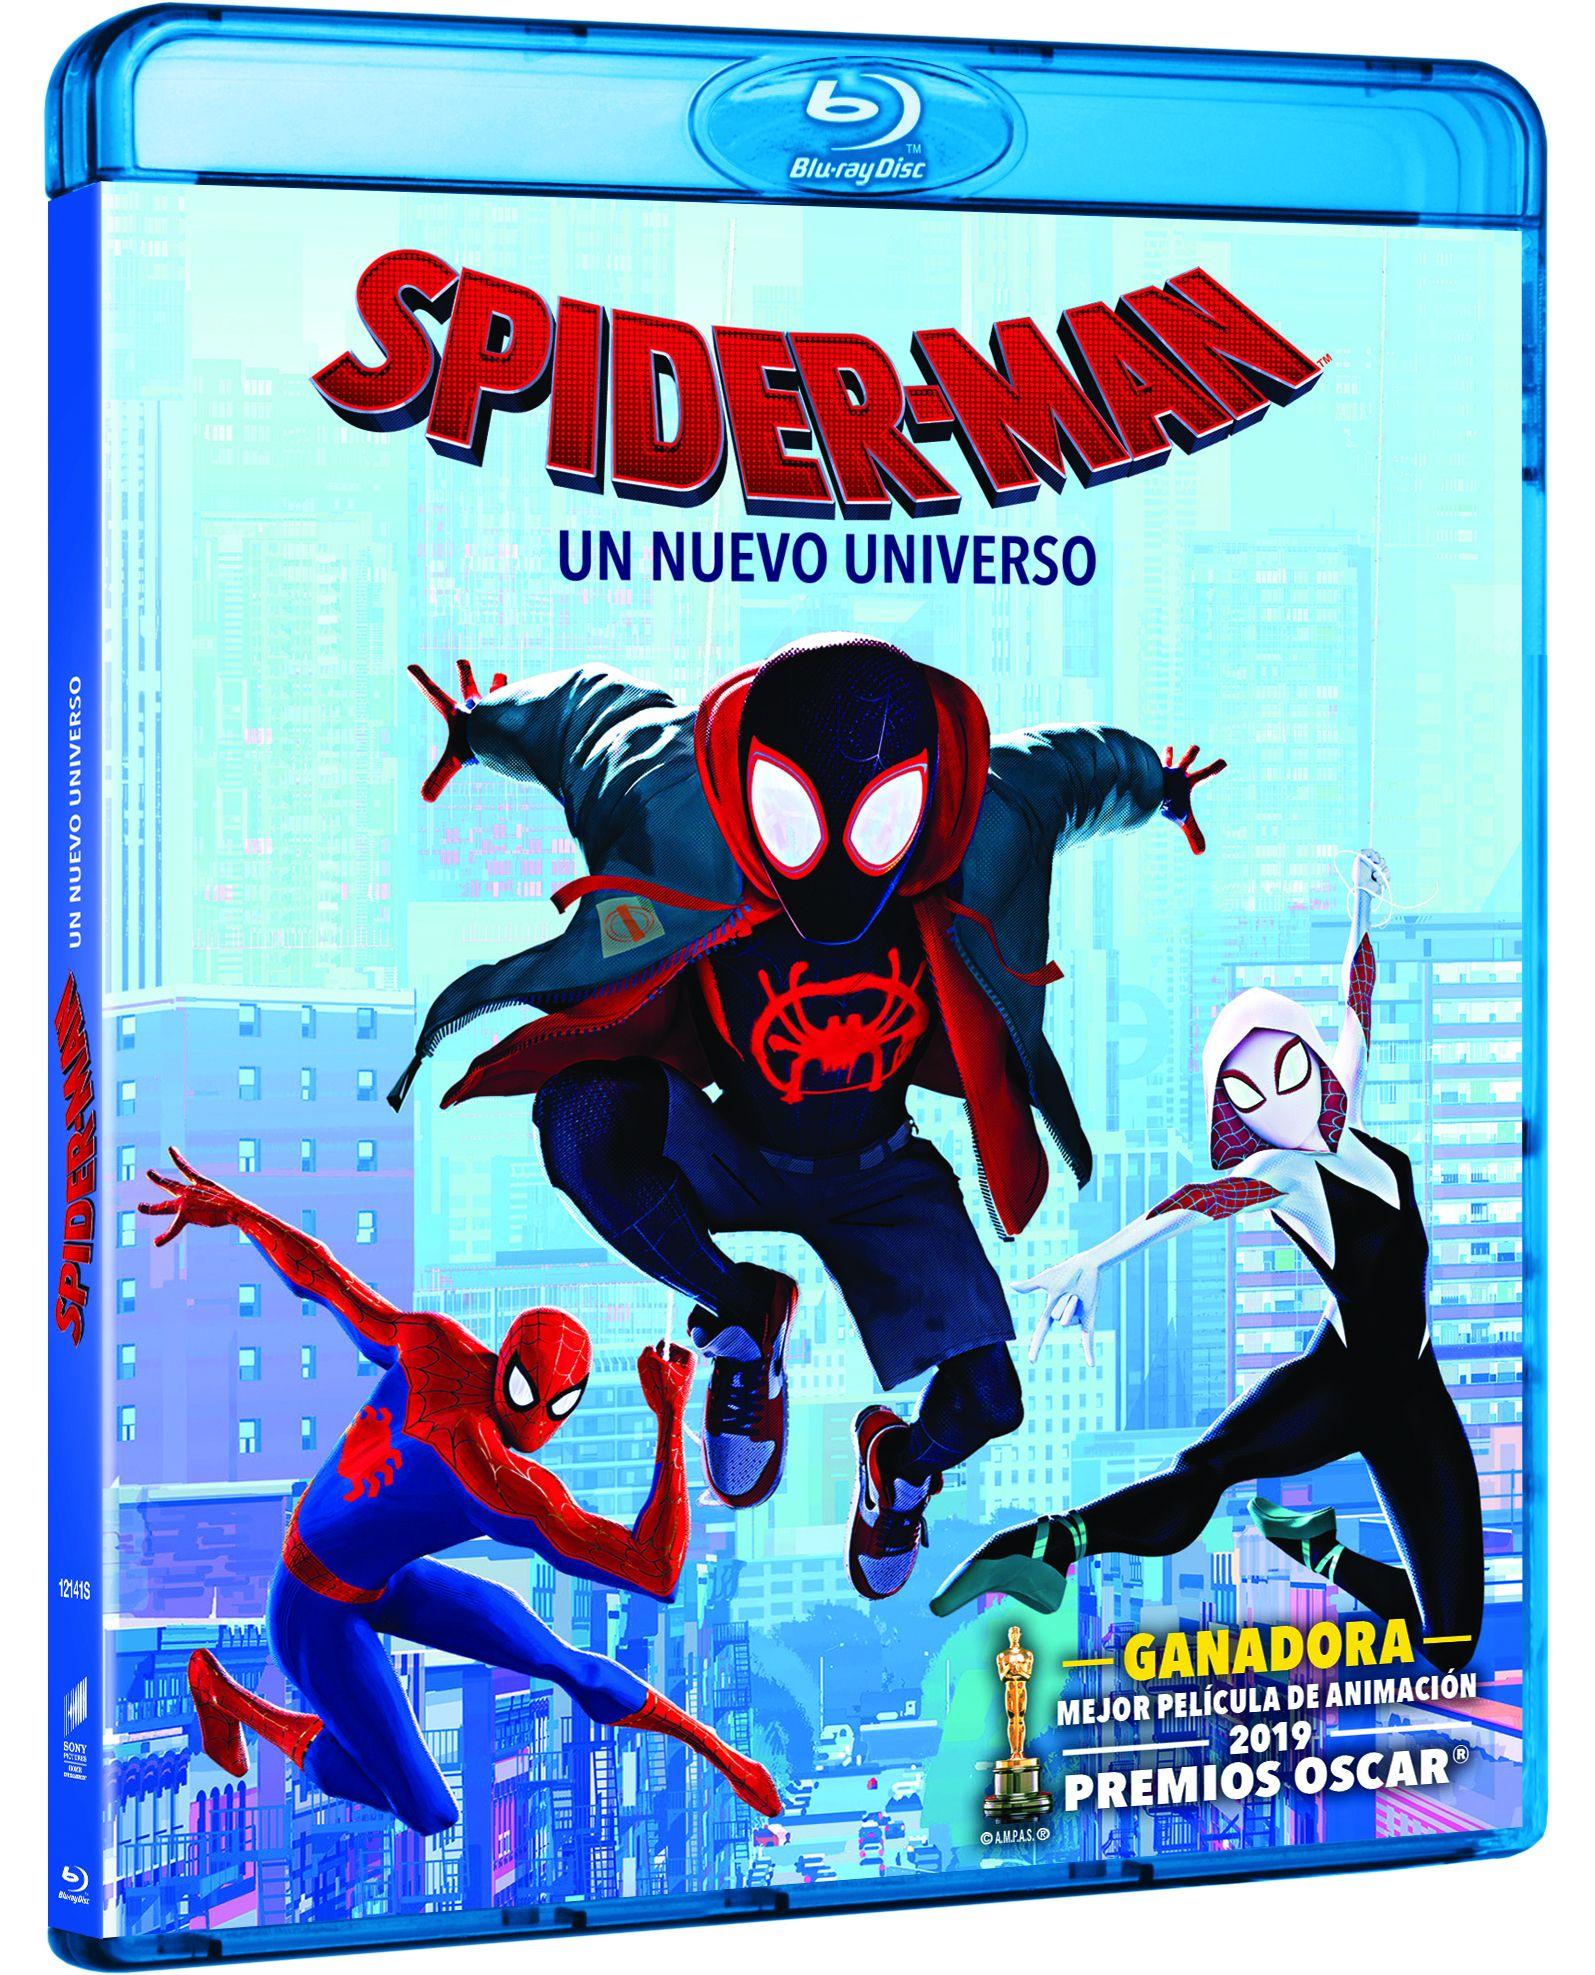 spider-man: un nuevo universo - blu ray --8414533121415